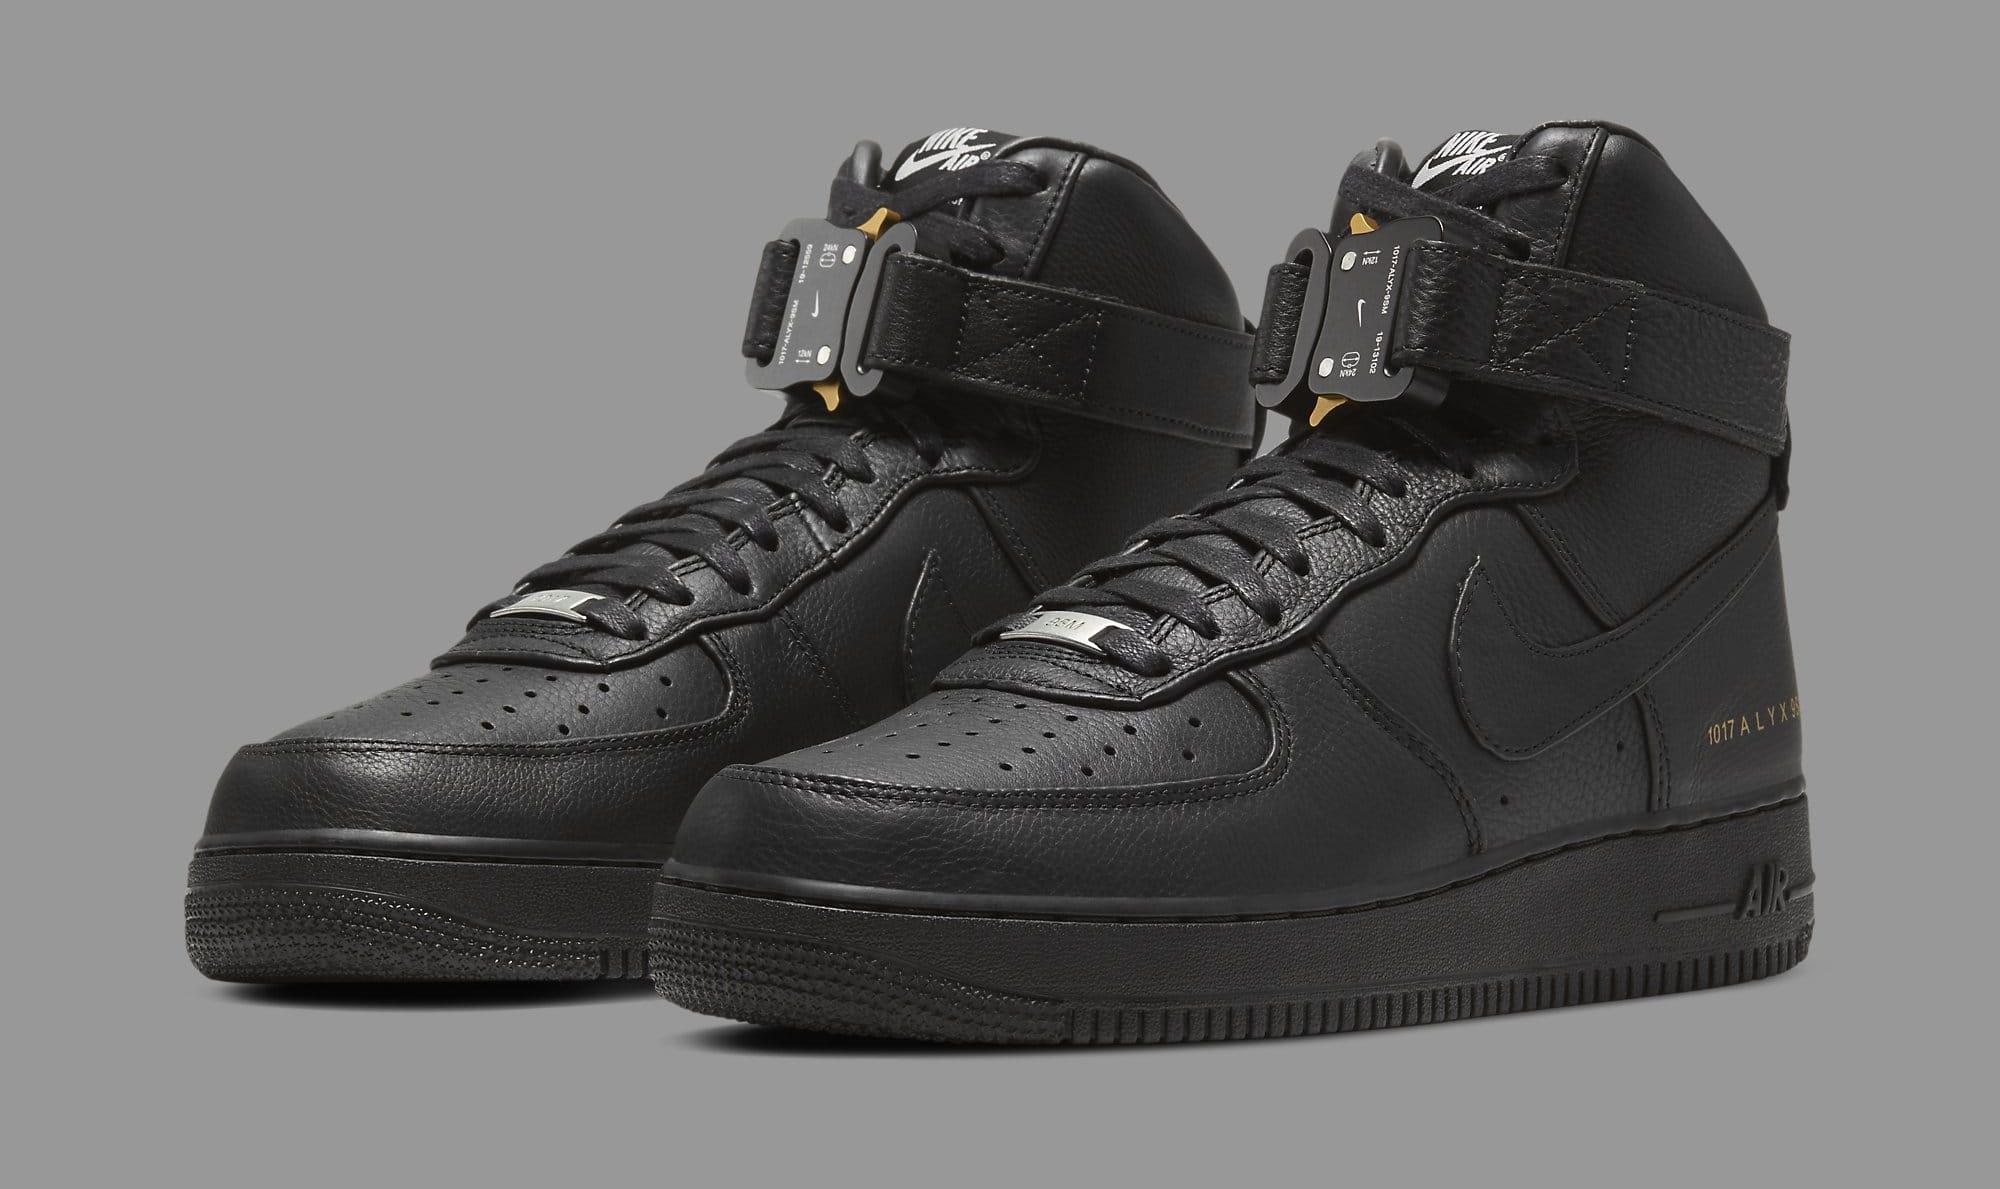 Alyx x Nike Air Force 1 High CQ4018-001 Pair